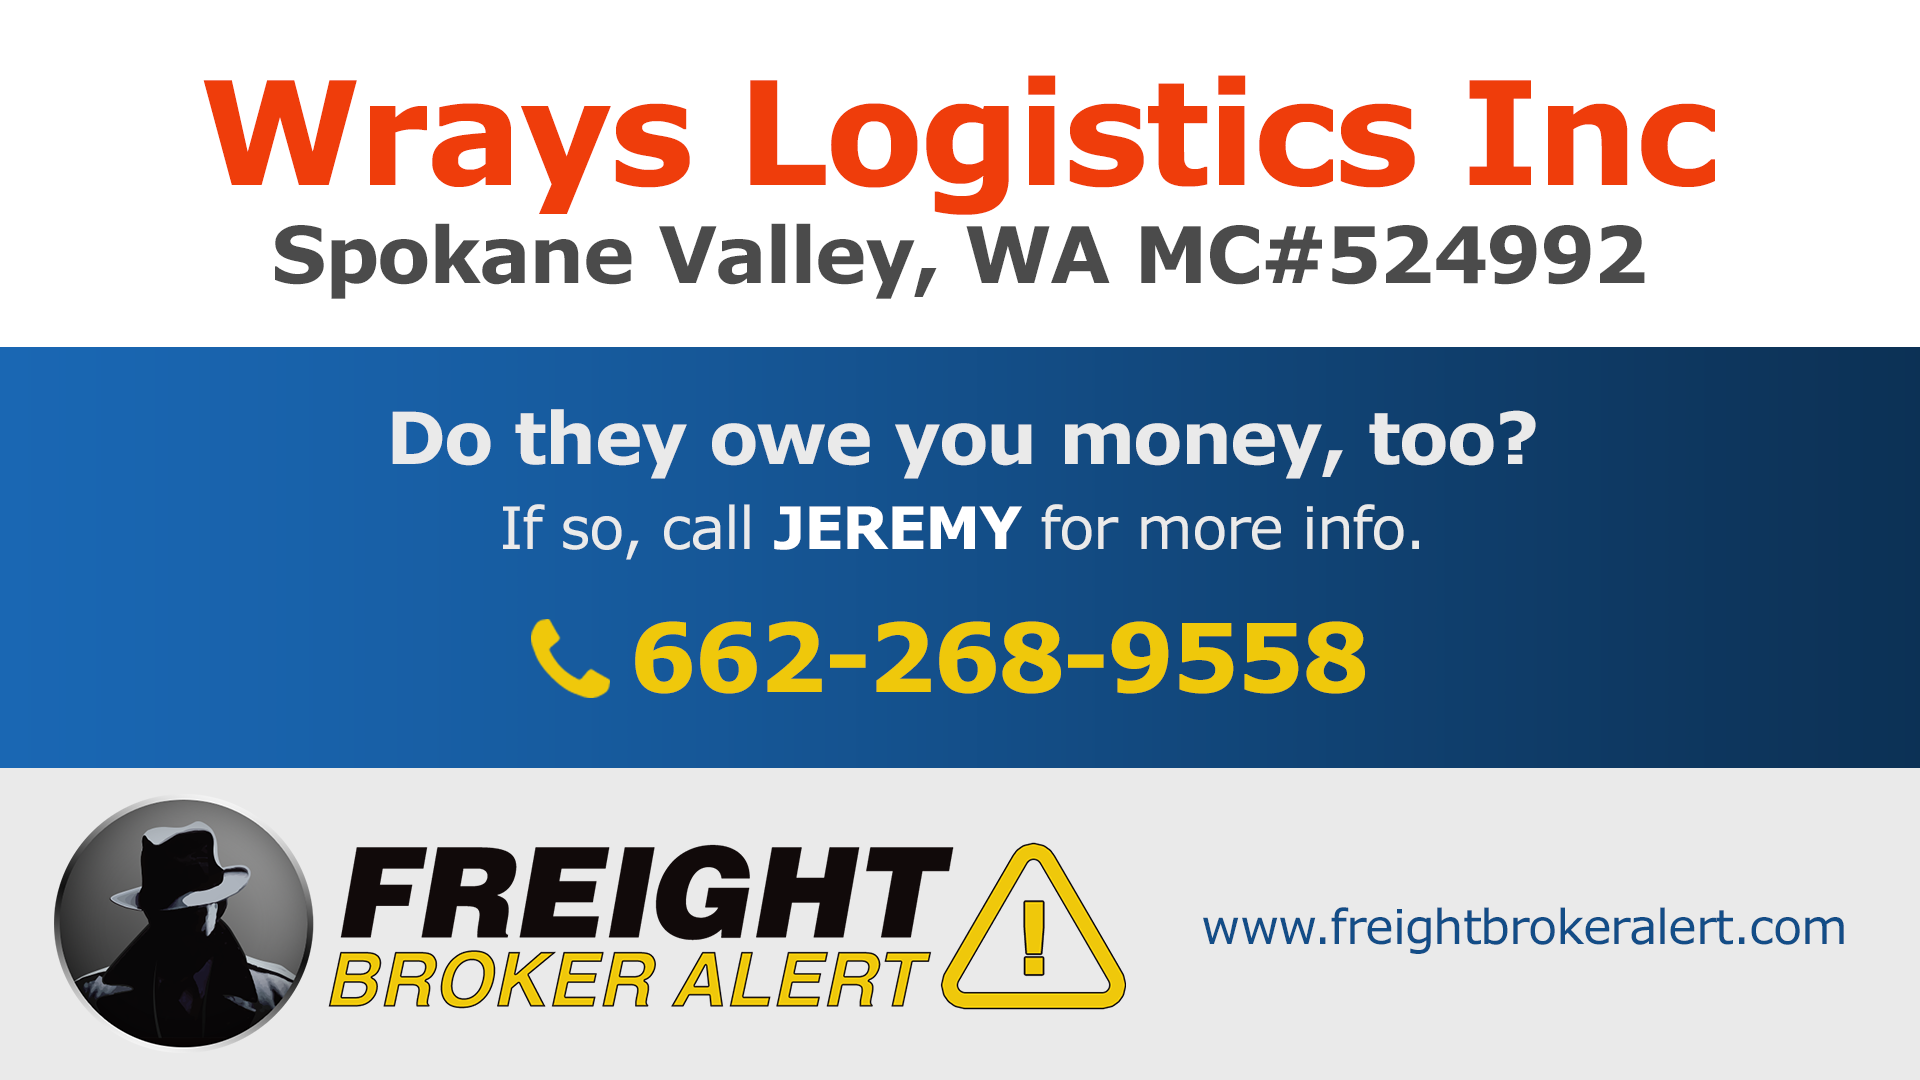 Wrays Logistics Inc Washington